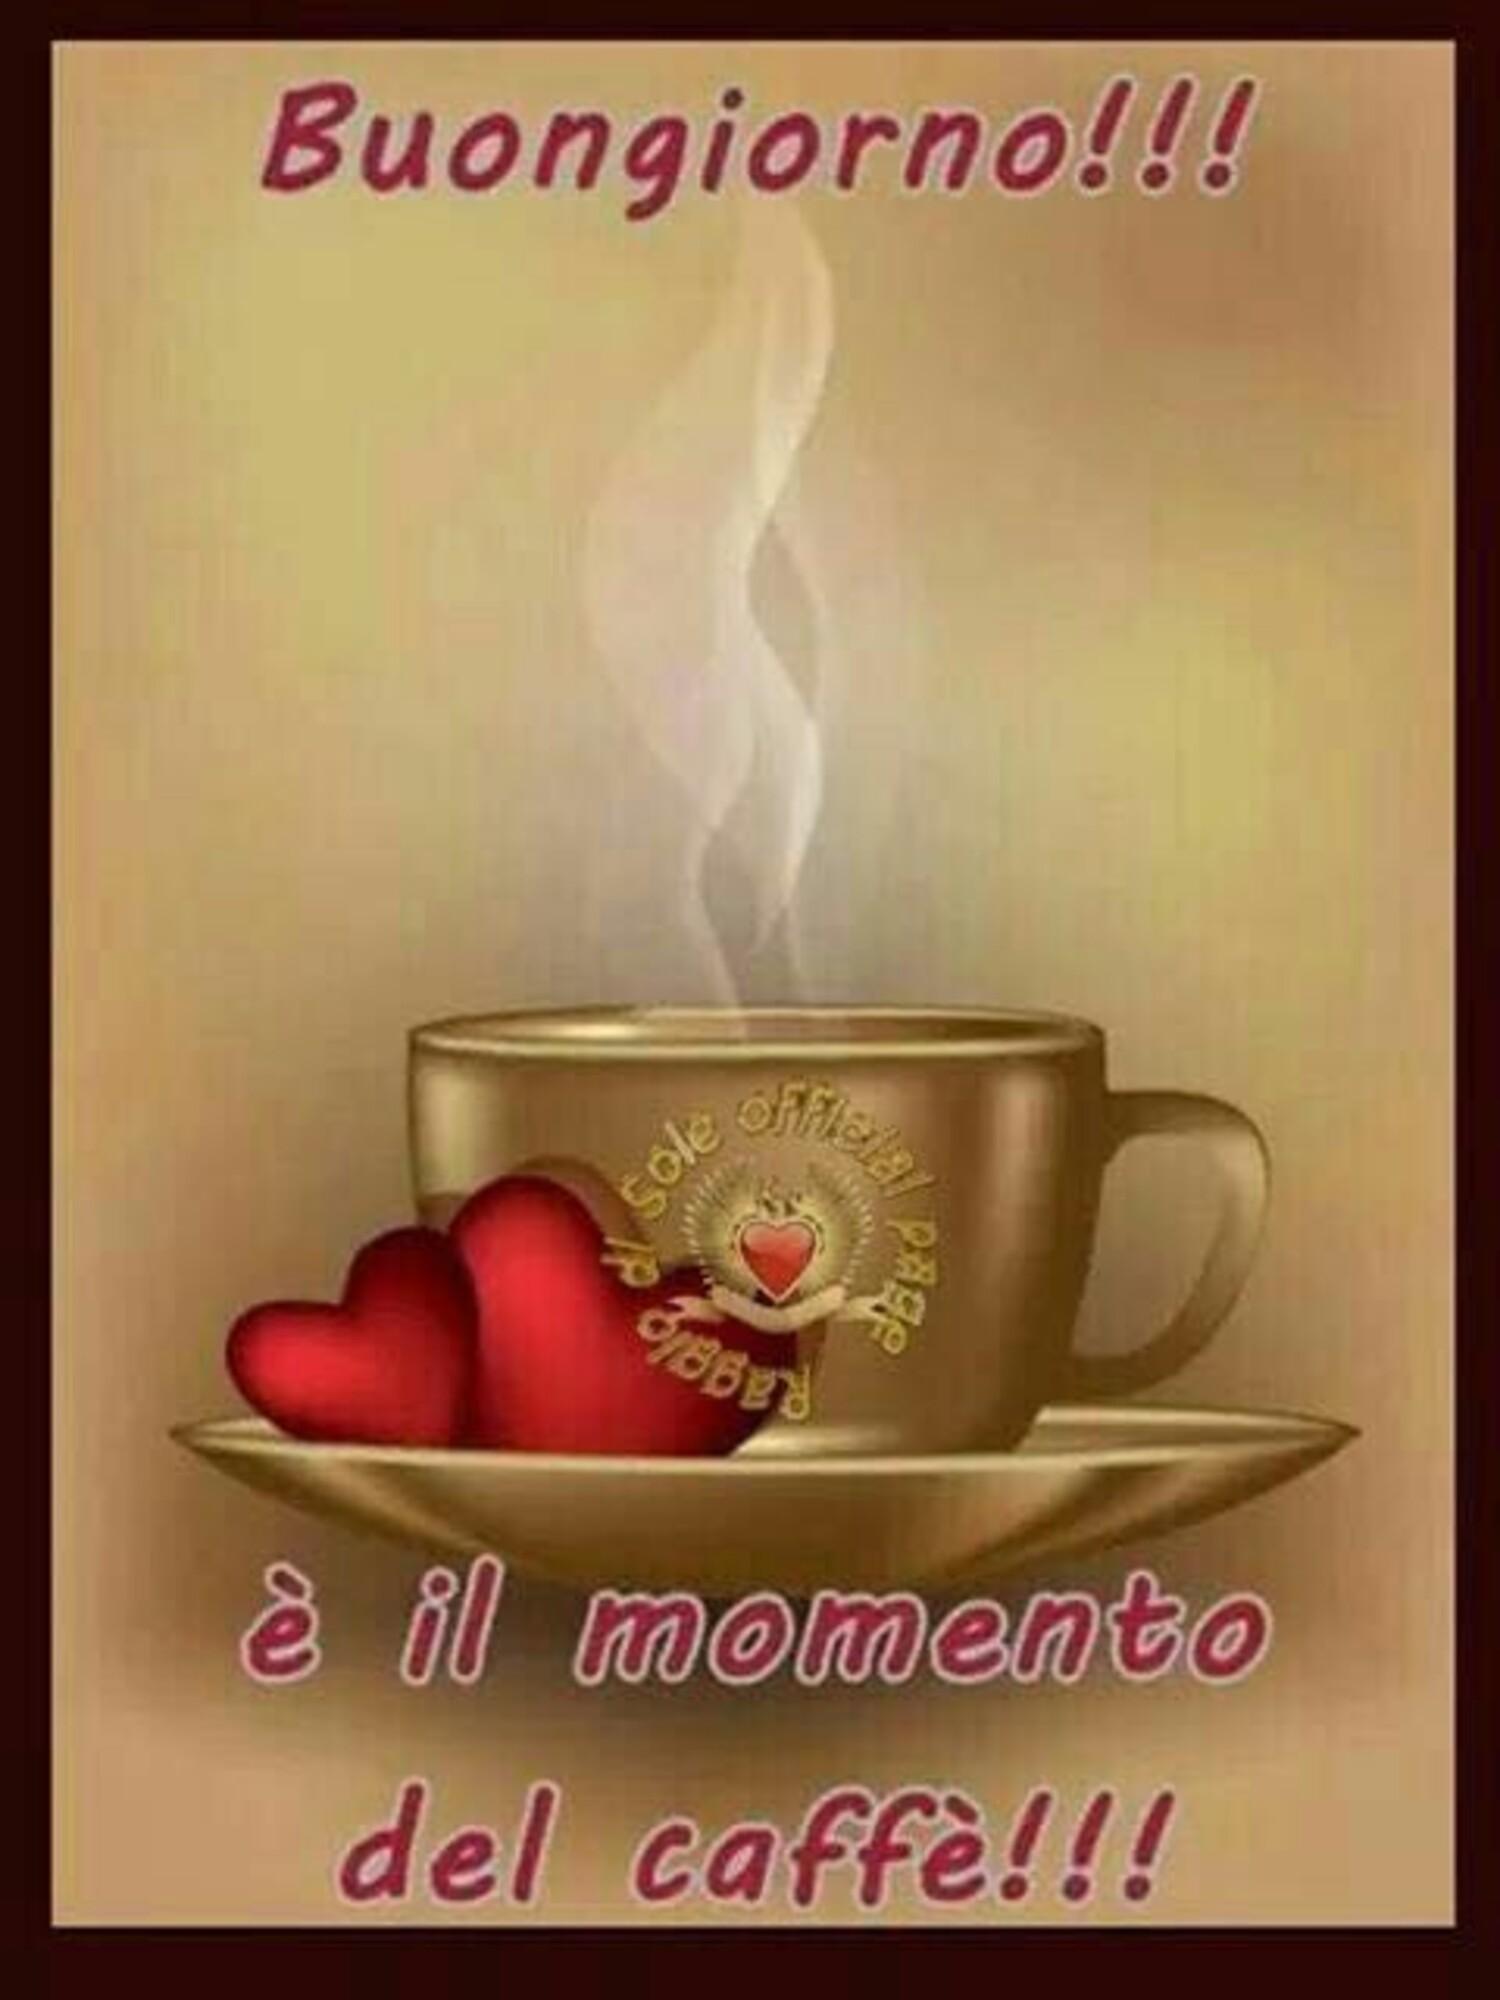 Buongiorno !!! E' il momento del caffè !!!